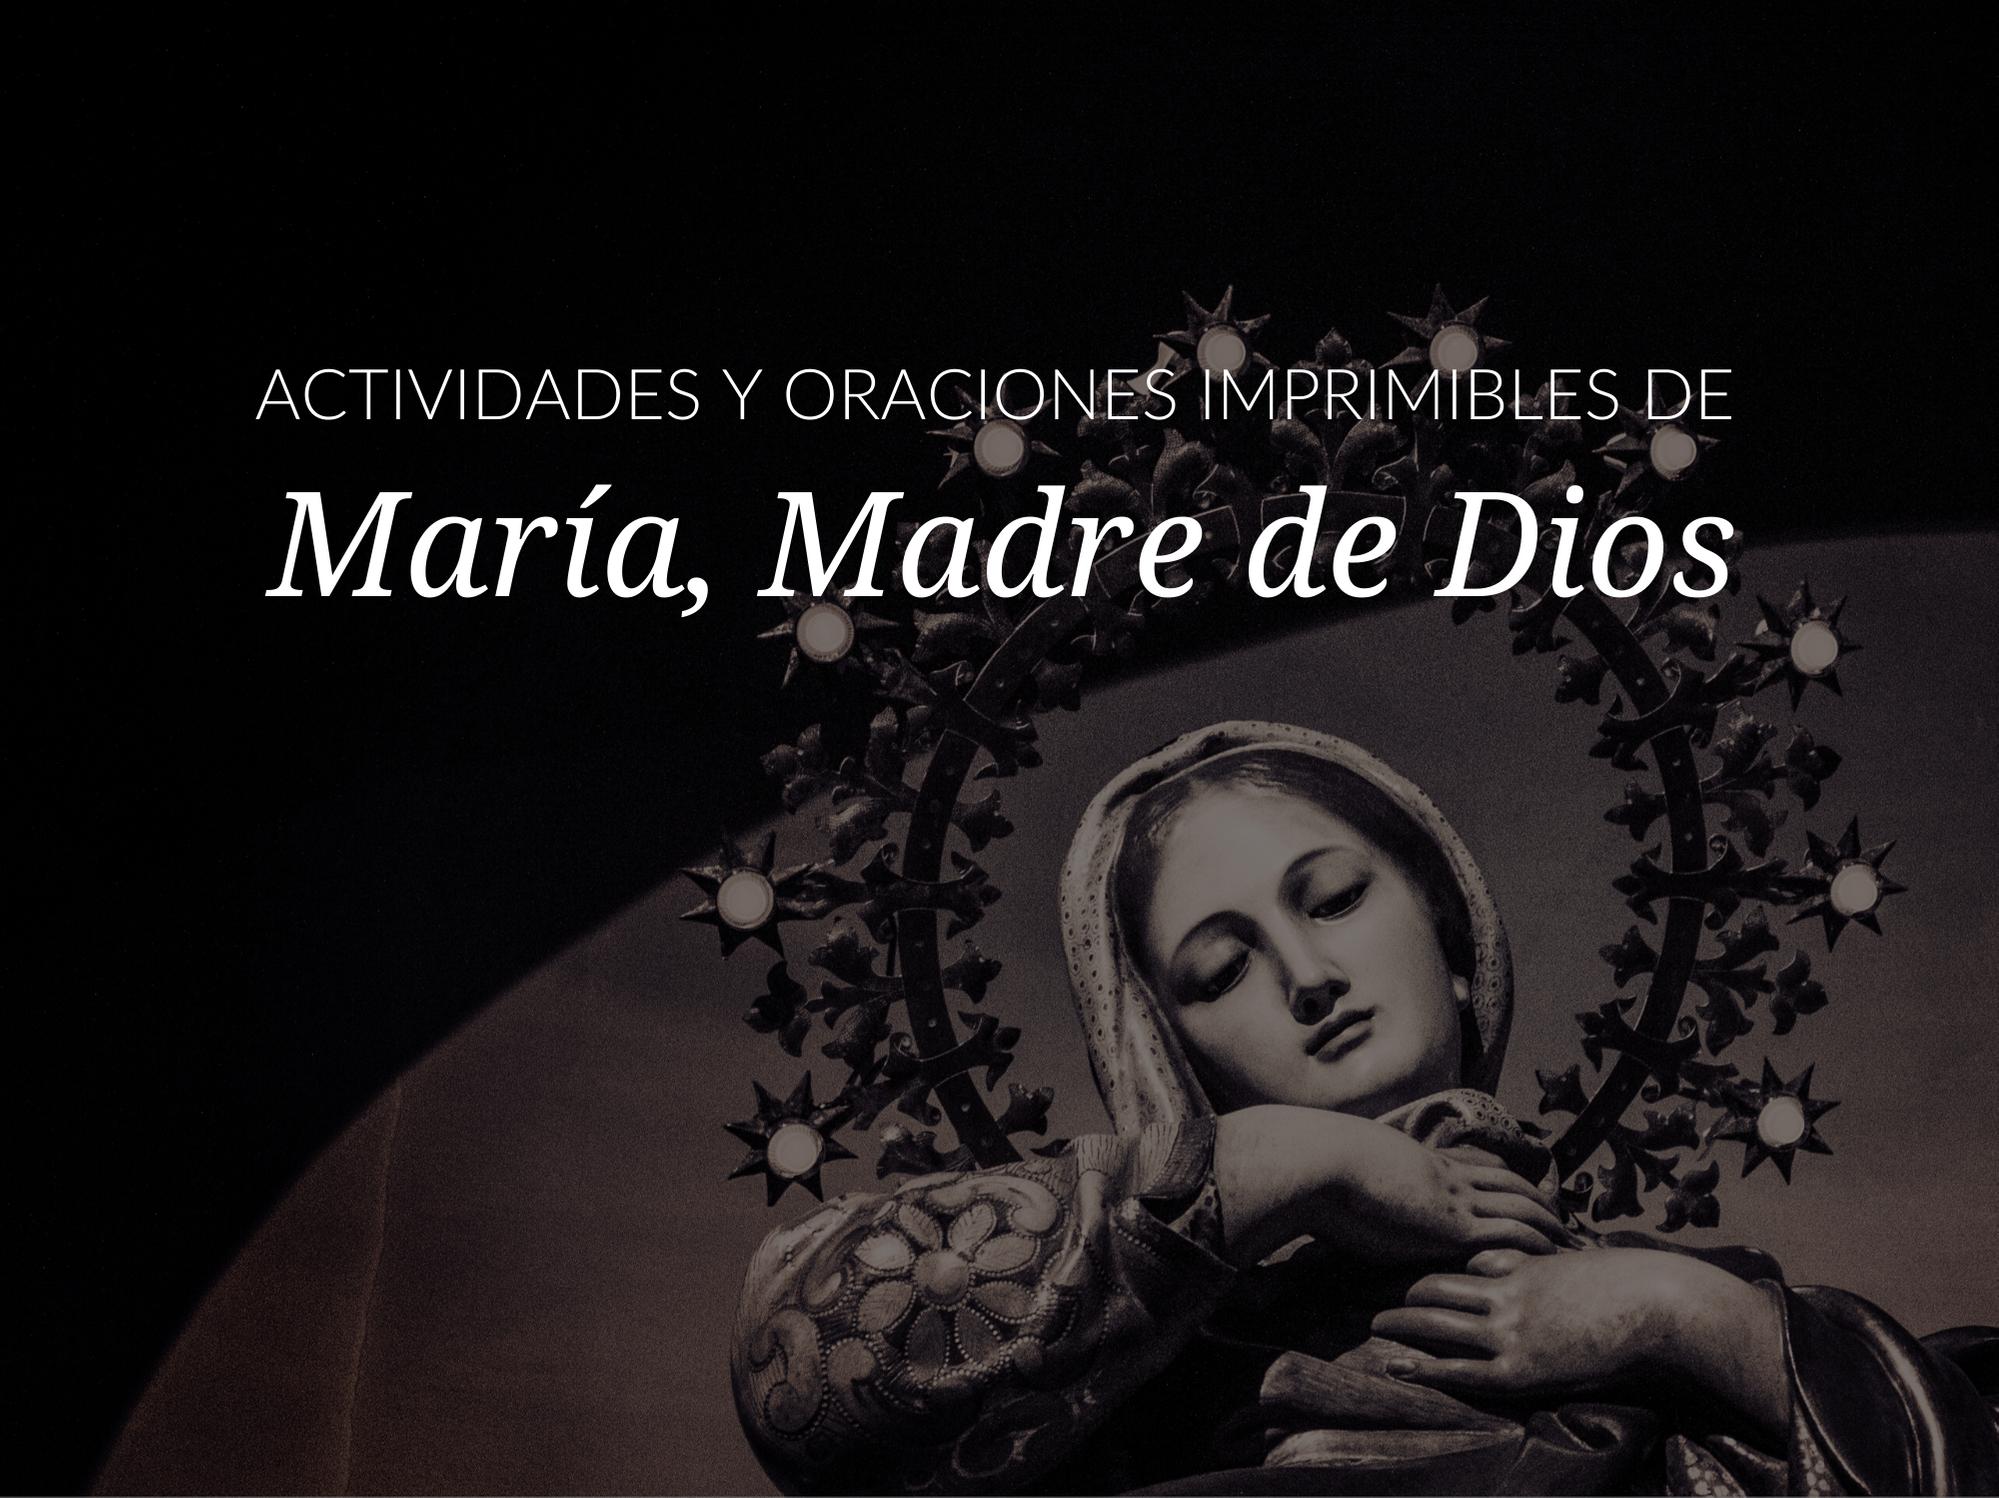 maria-madre-de-dios-recursos-para-el-mes-de-maria